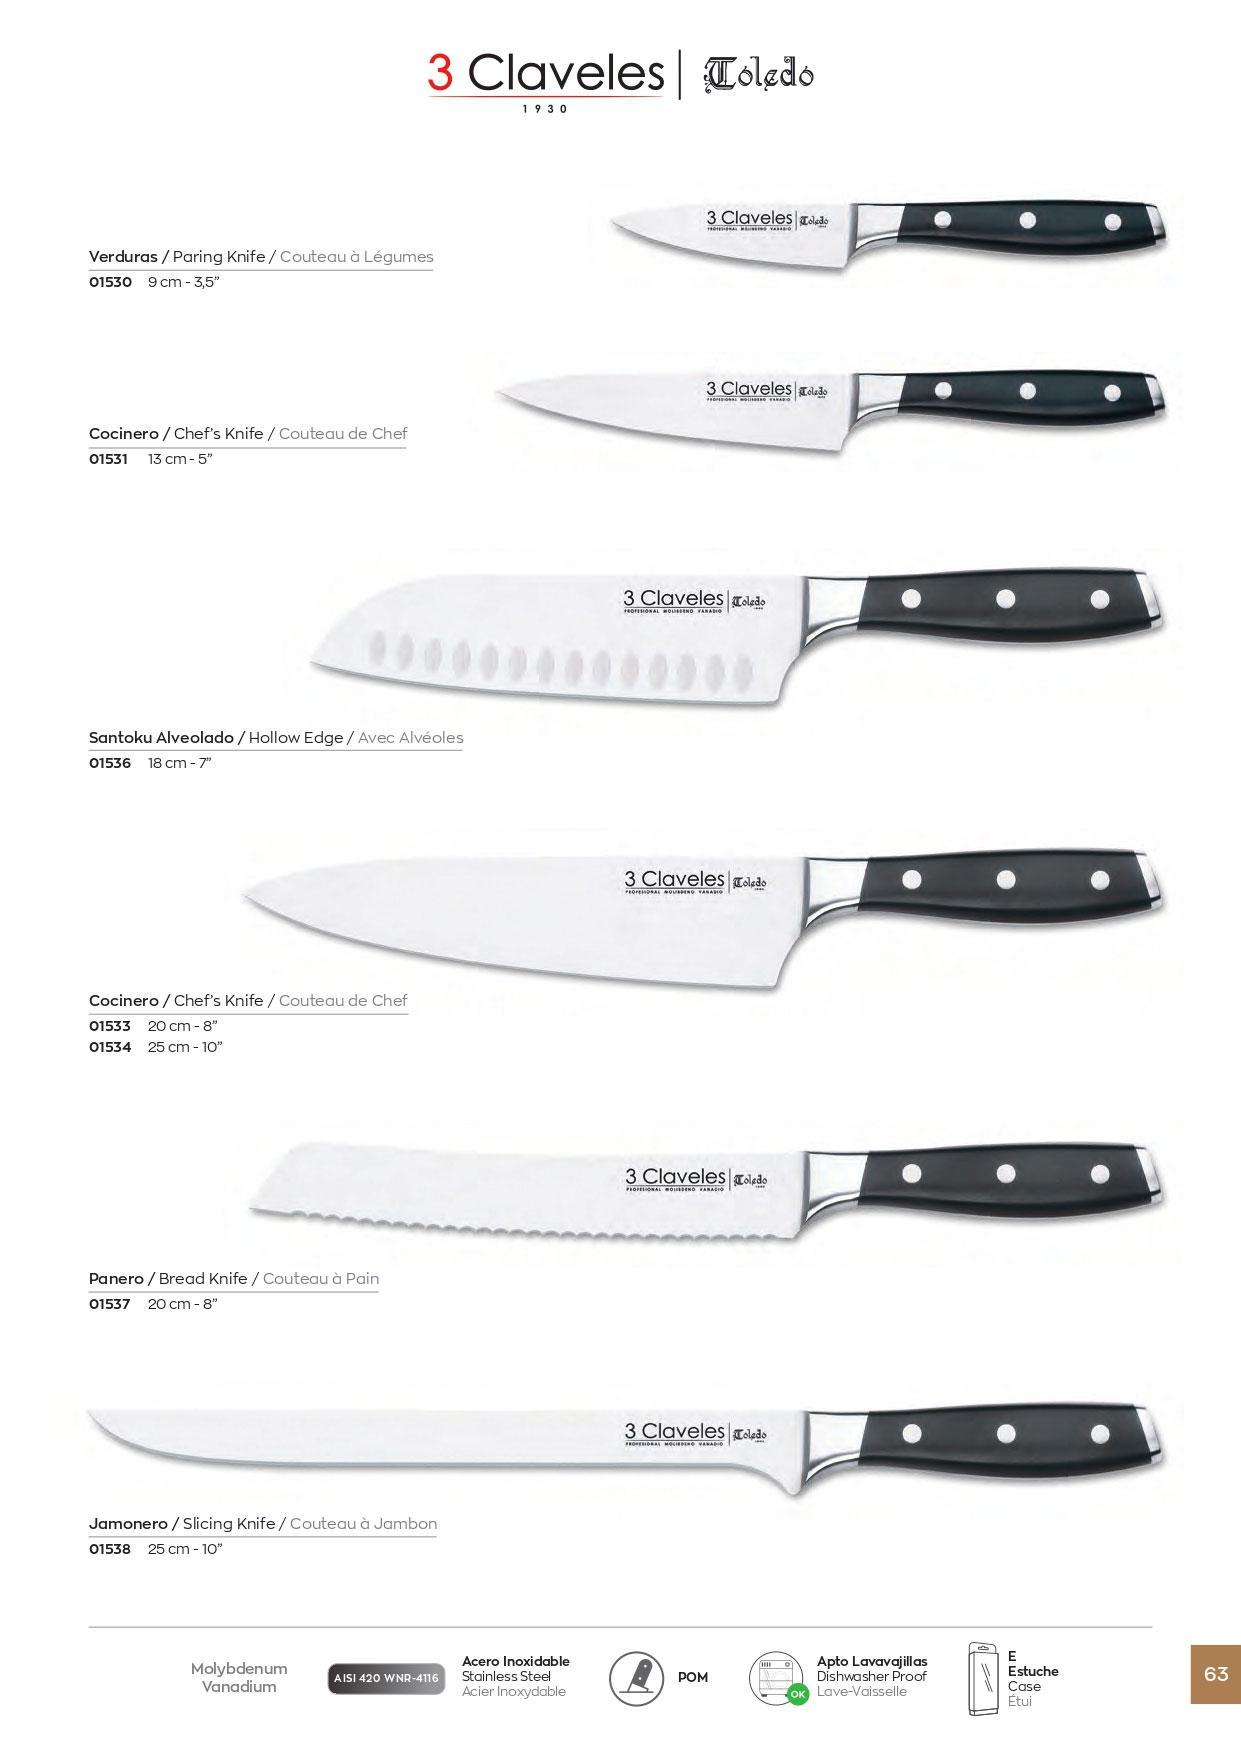 1538 cuchillos cocina toledo 3 claveles cuchilleria for Cuchilleria profesional cocina